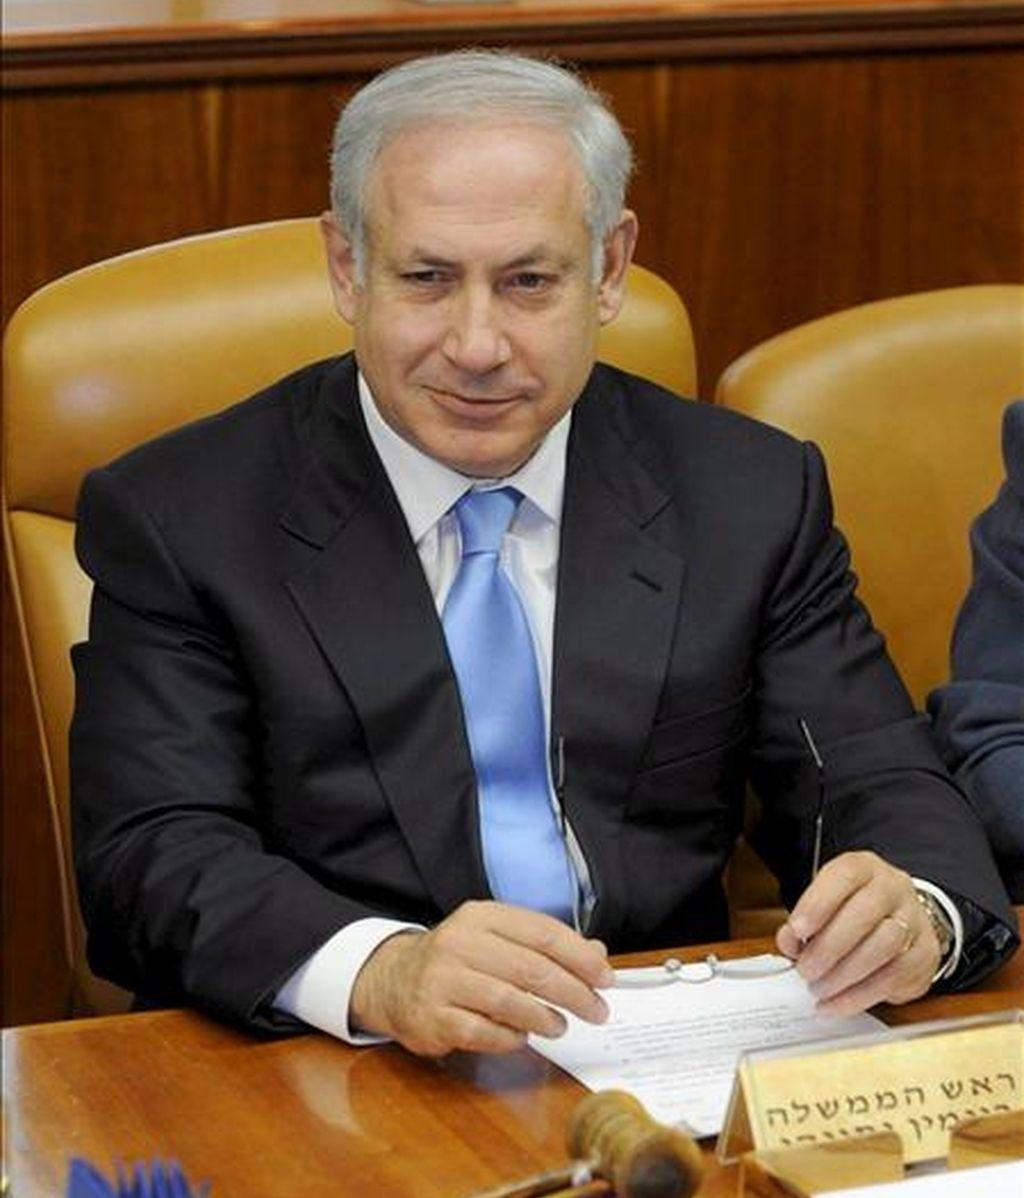 Fotografía facilitada por el Departamento de Prensa del Gobierno de Israel que muestra al primer ministro israelí, Benjamín Netanyahu, durante la primera reunión semanal del nuevo gobierno israelí, hoy en Jeruslén (Israel). EFE